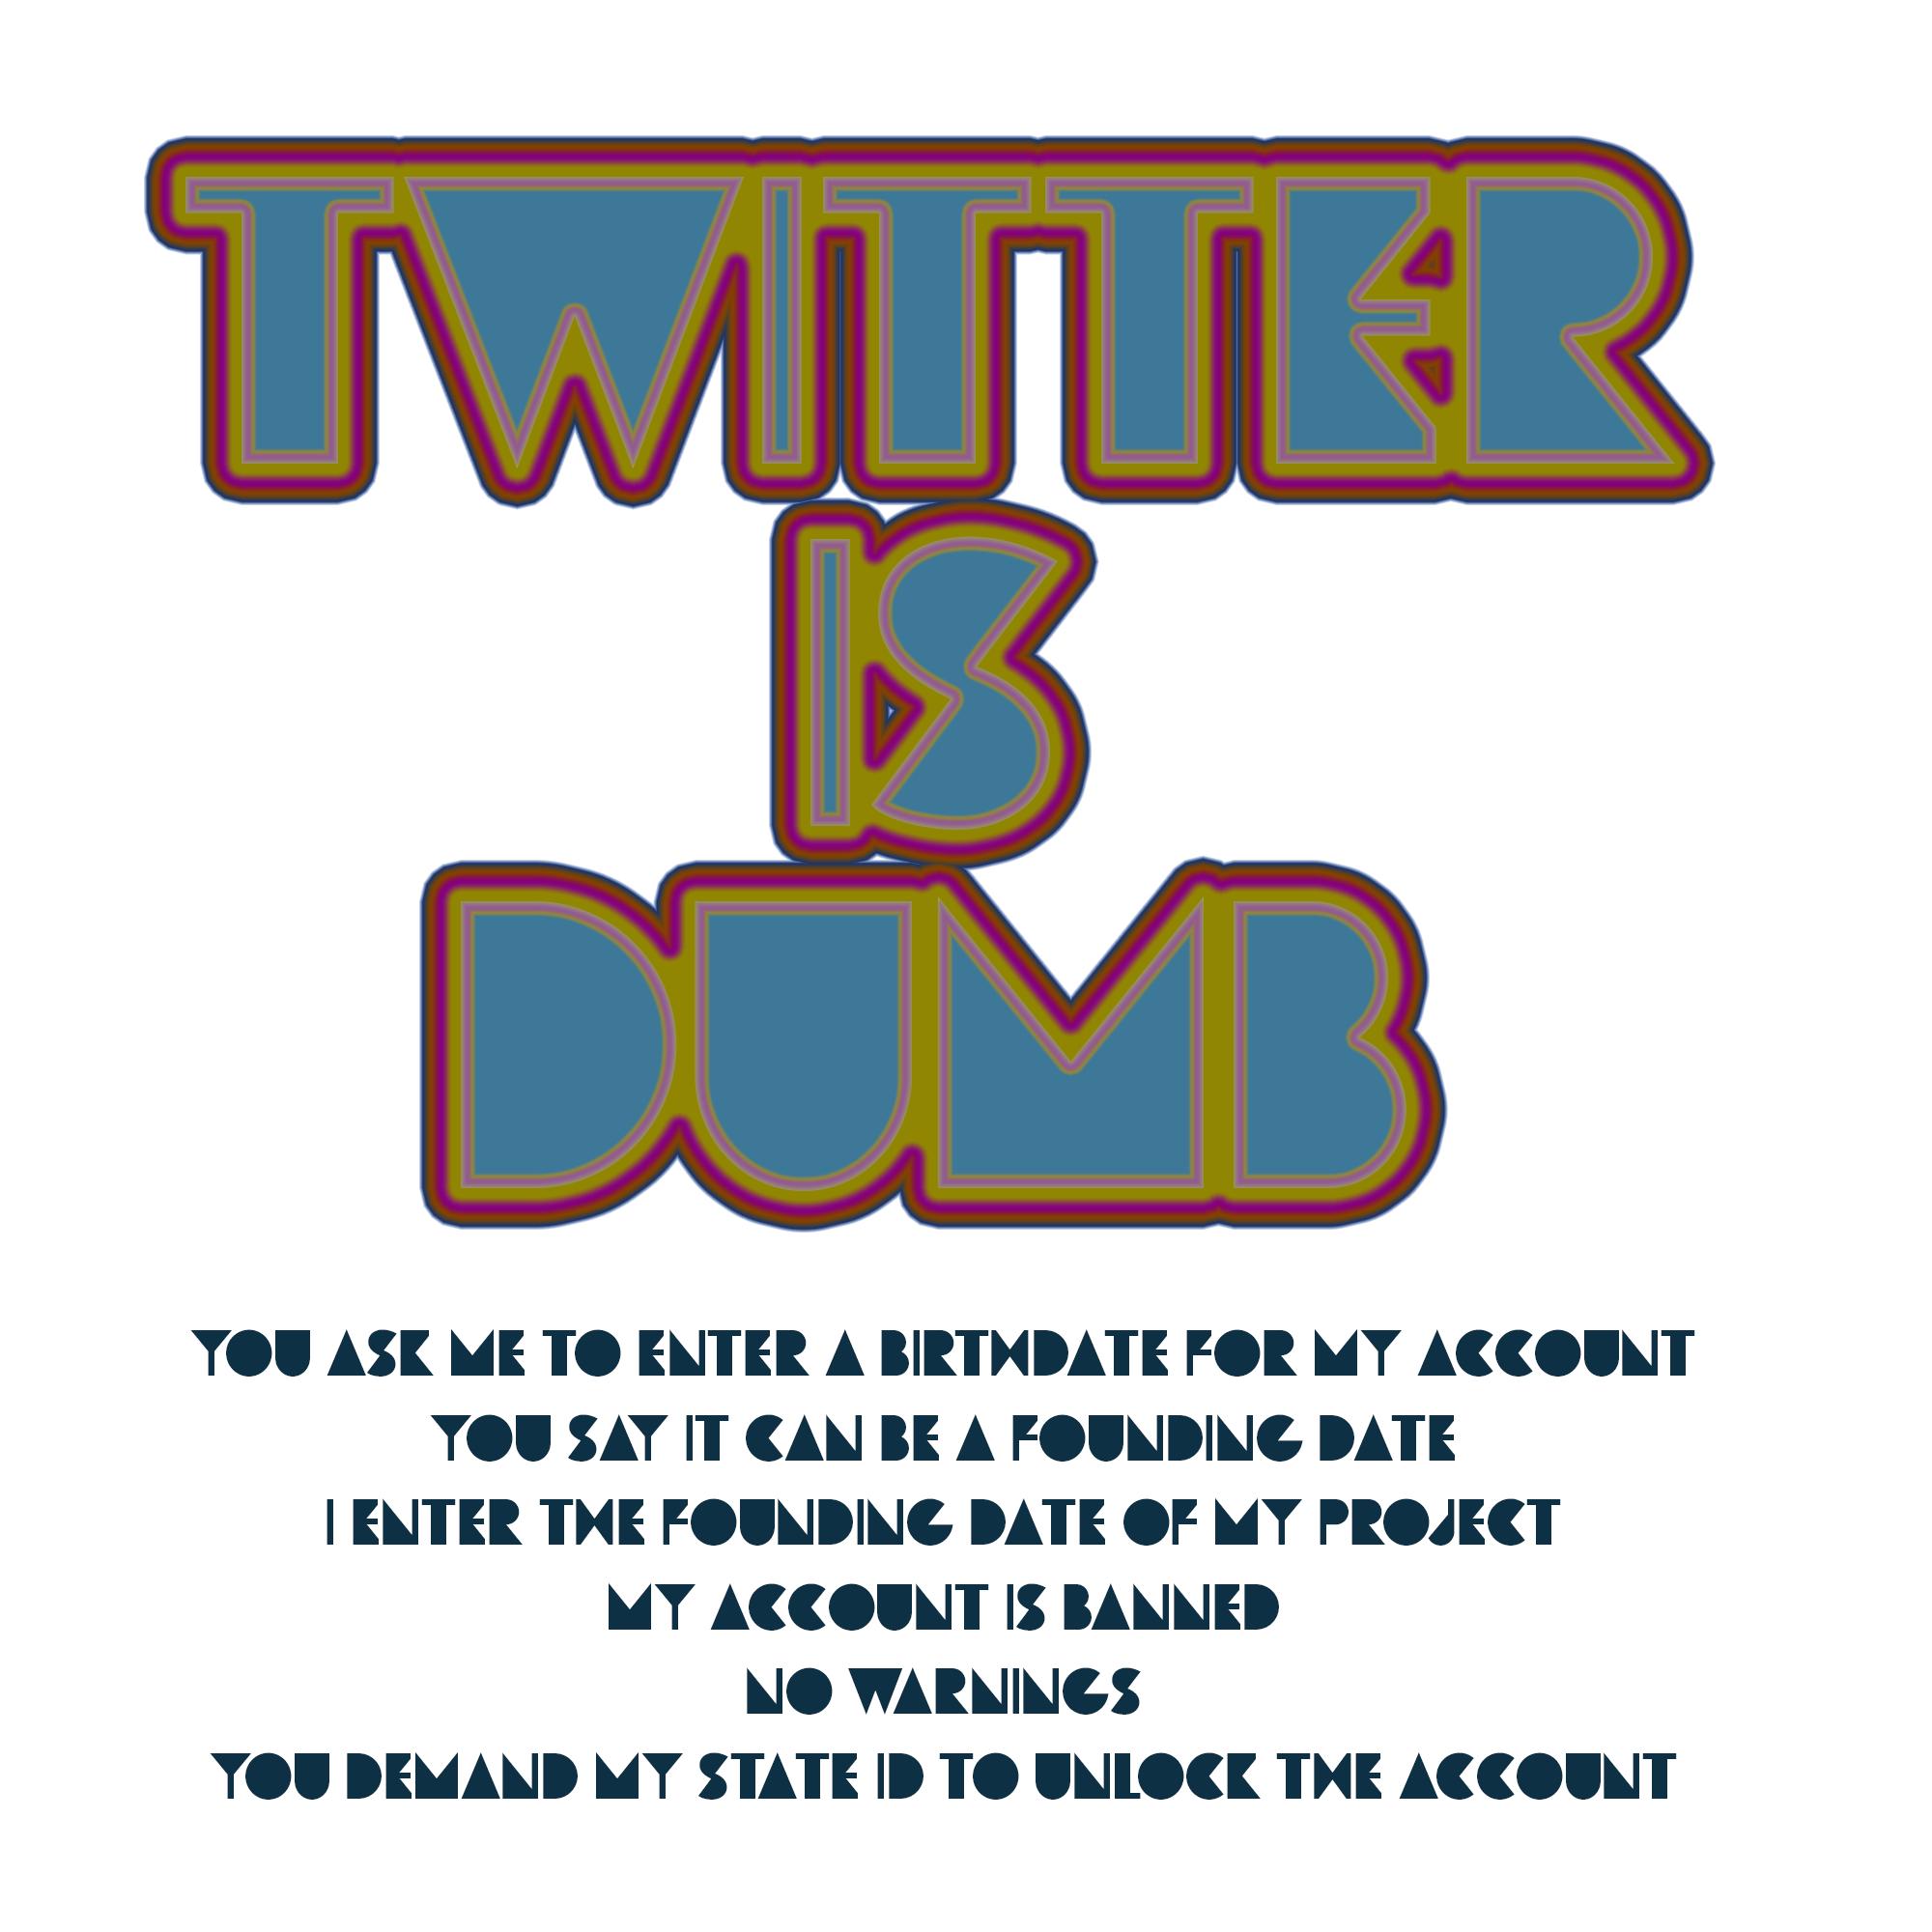 TwitterIsDumb.png